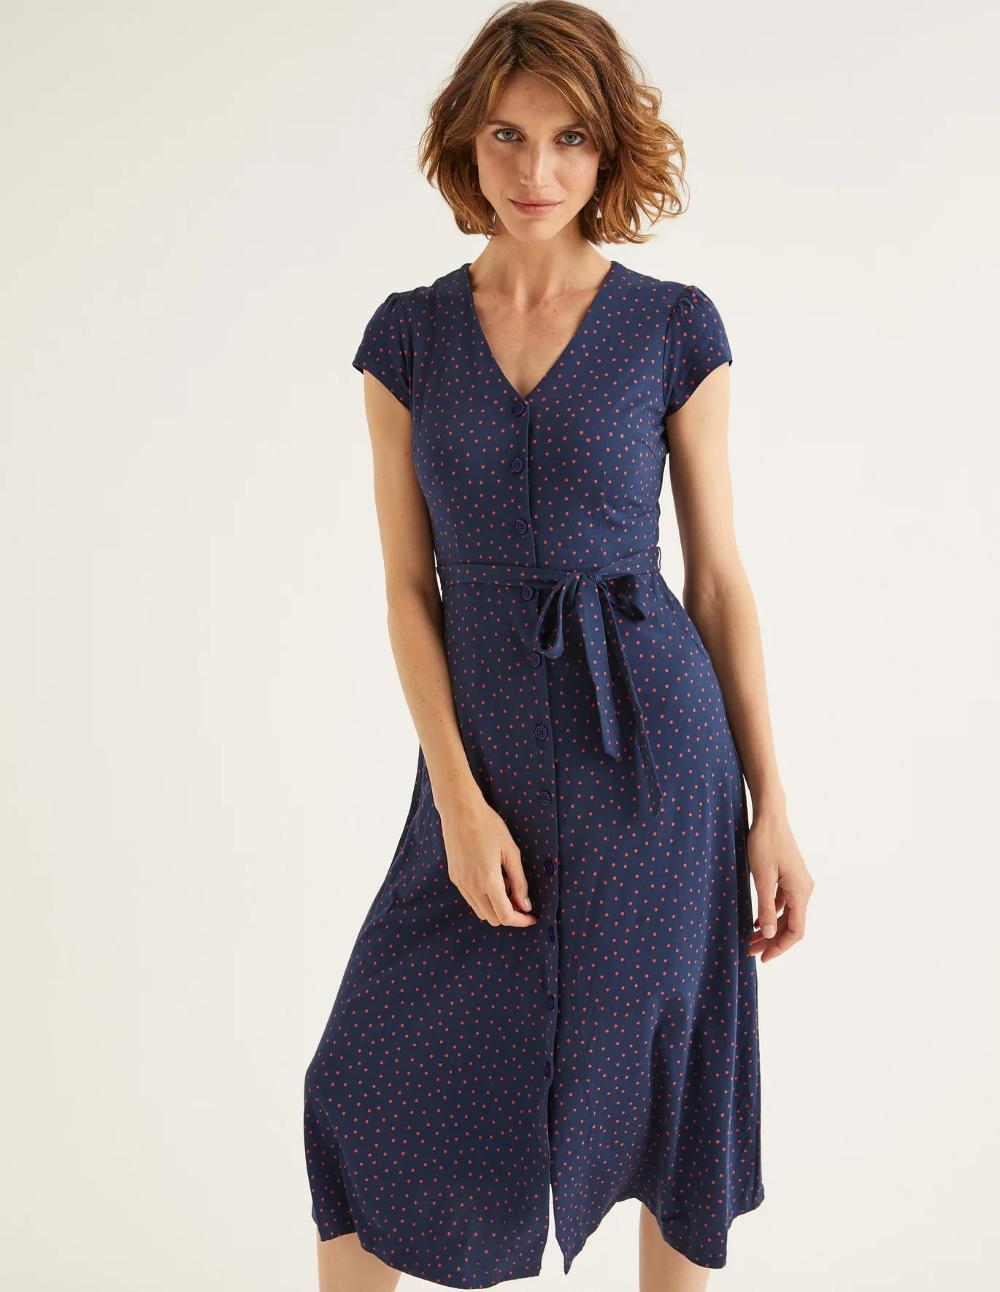 Frances Jersey Midi Dress Navy Polka Dot Sz 6p Navy Midi Dress Midi Dress Midi Jersey Dress [ 1292 x 1000 Pixel ]